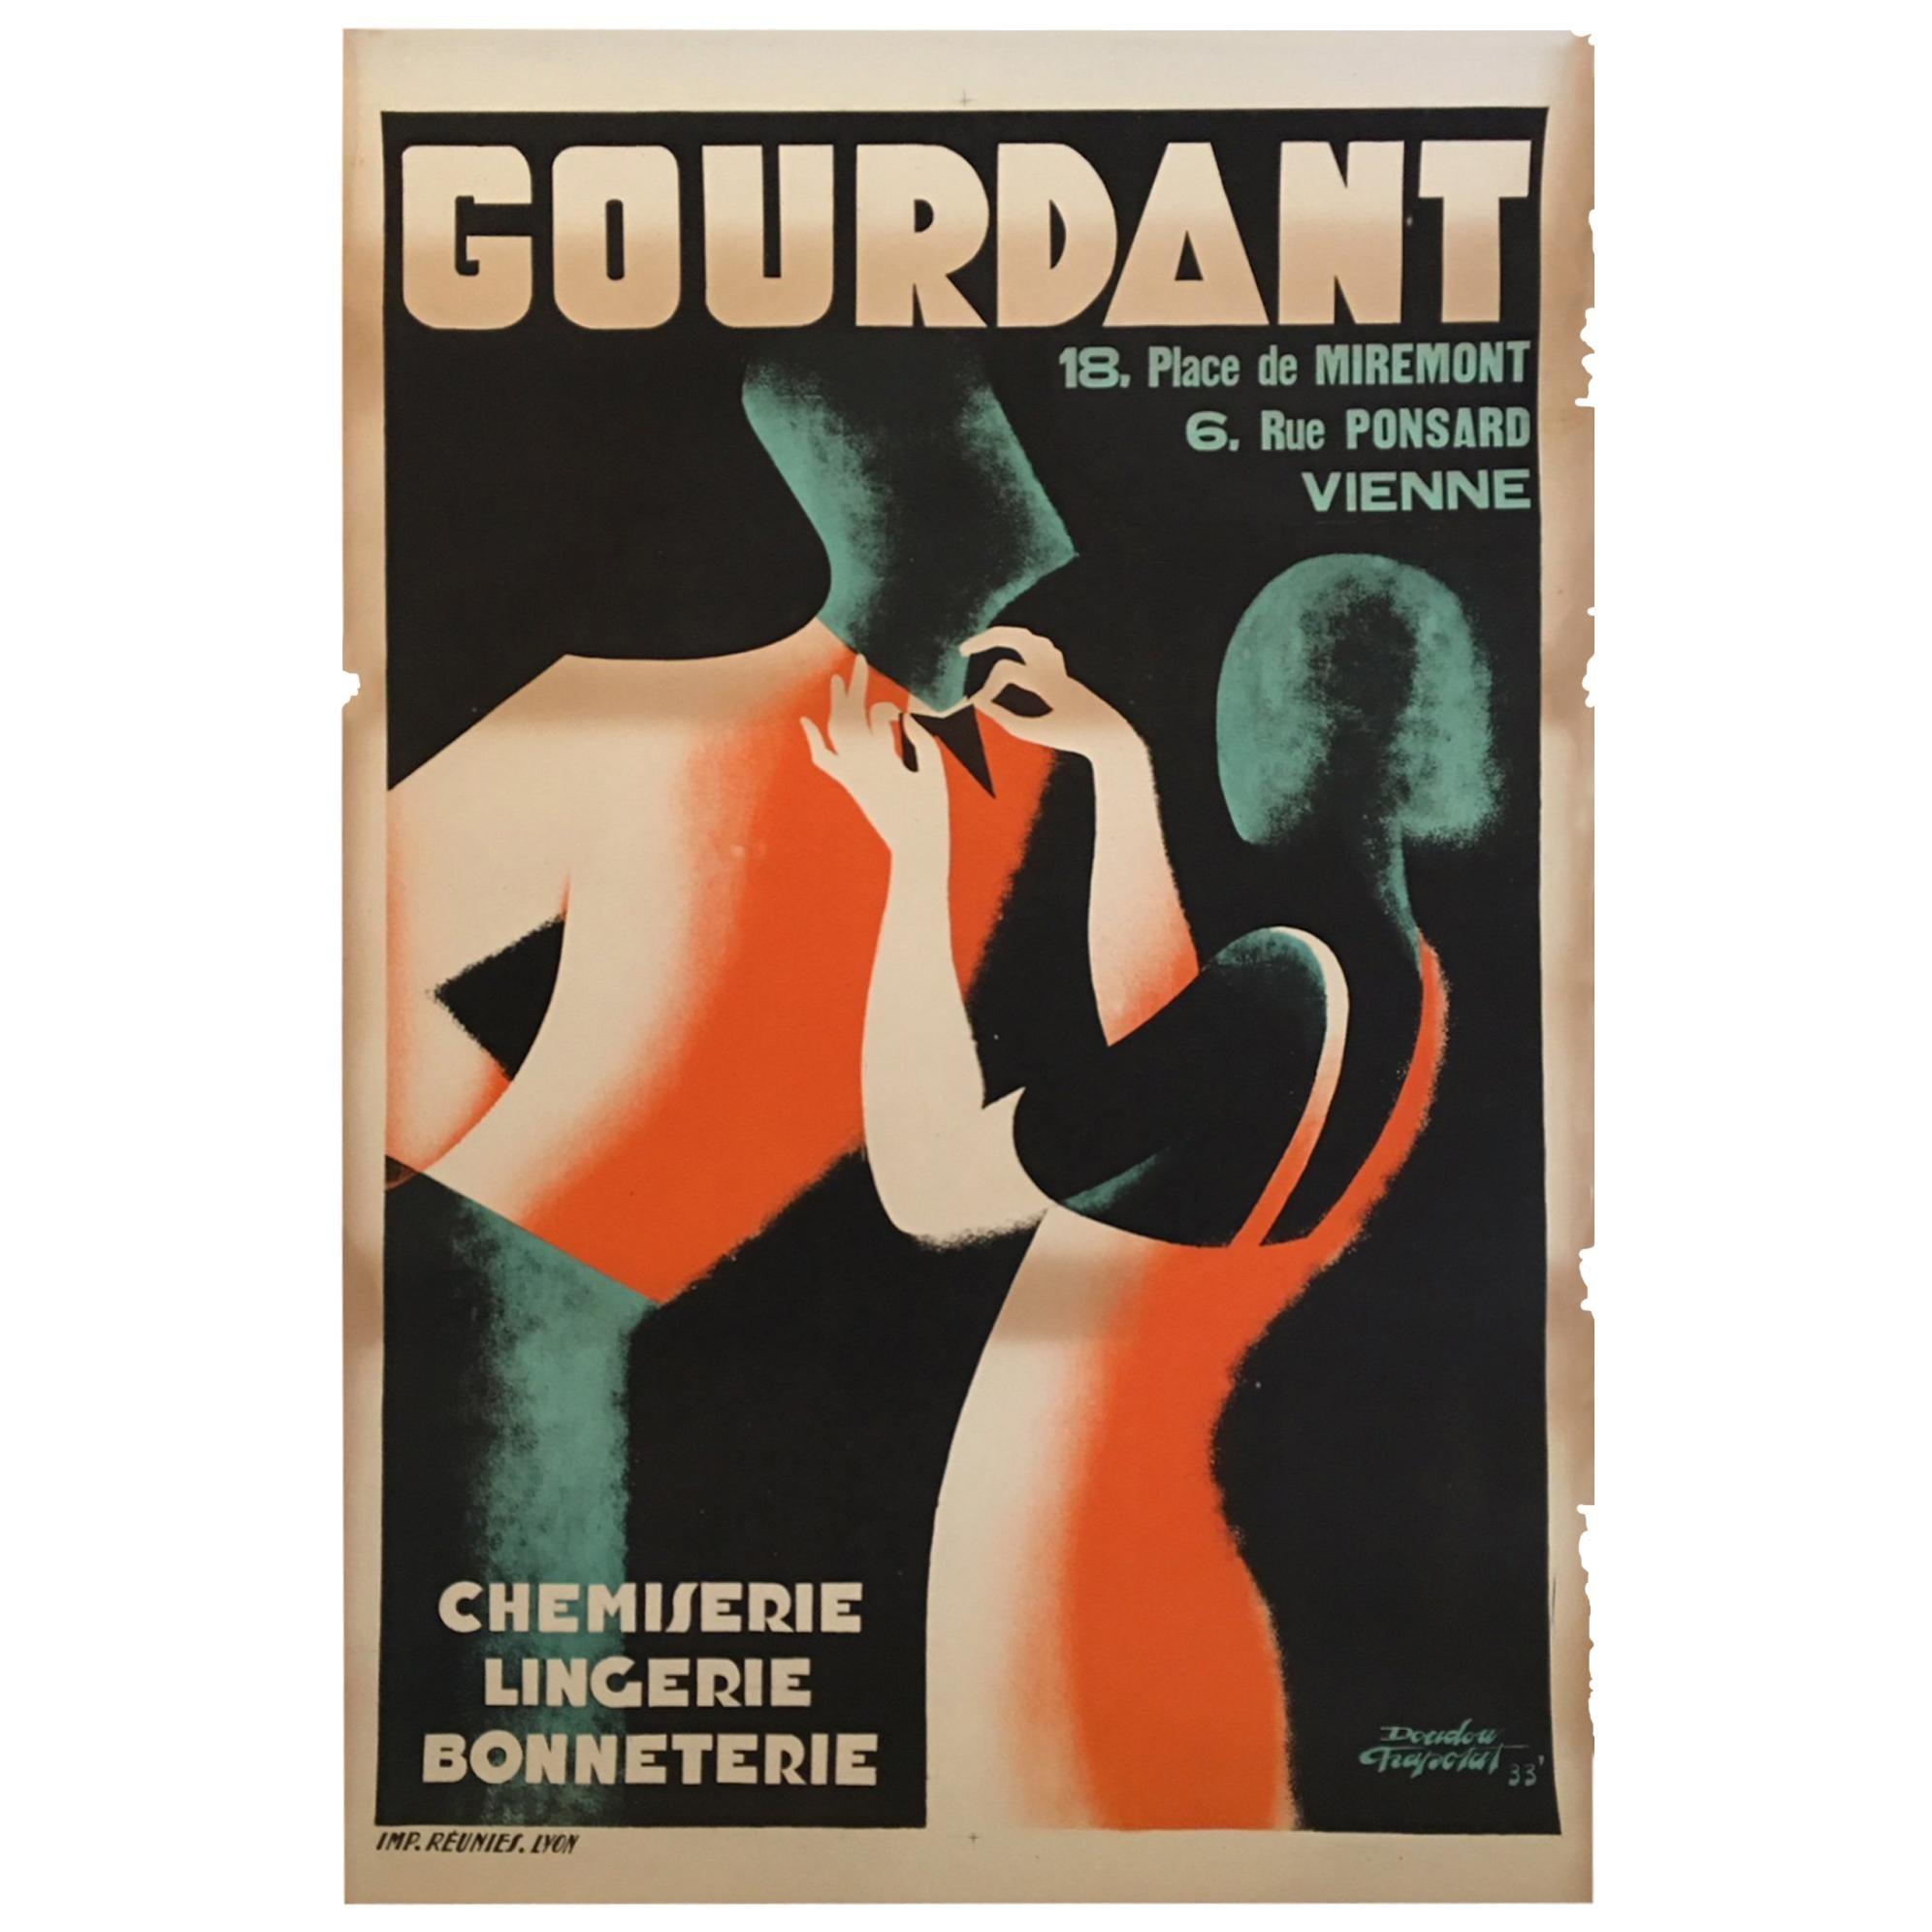 Original Vintage French Art Deco Poster, 'Gourdant' by D Frapojut, Paris, 1933